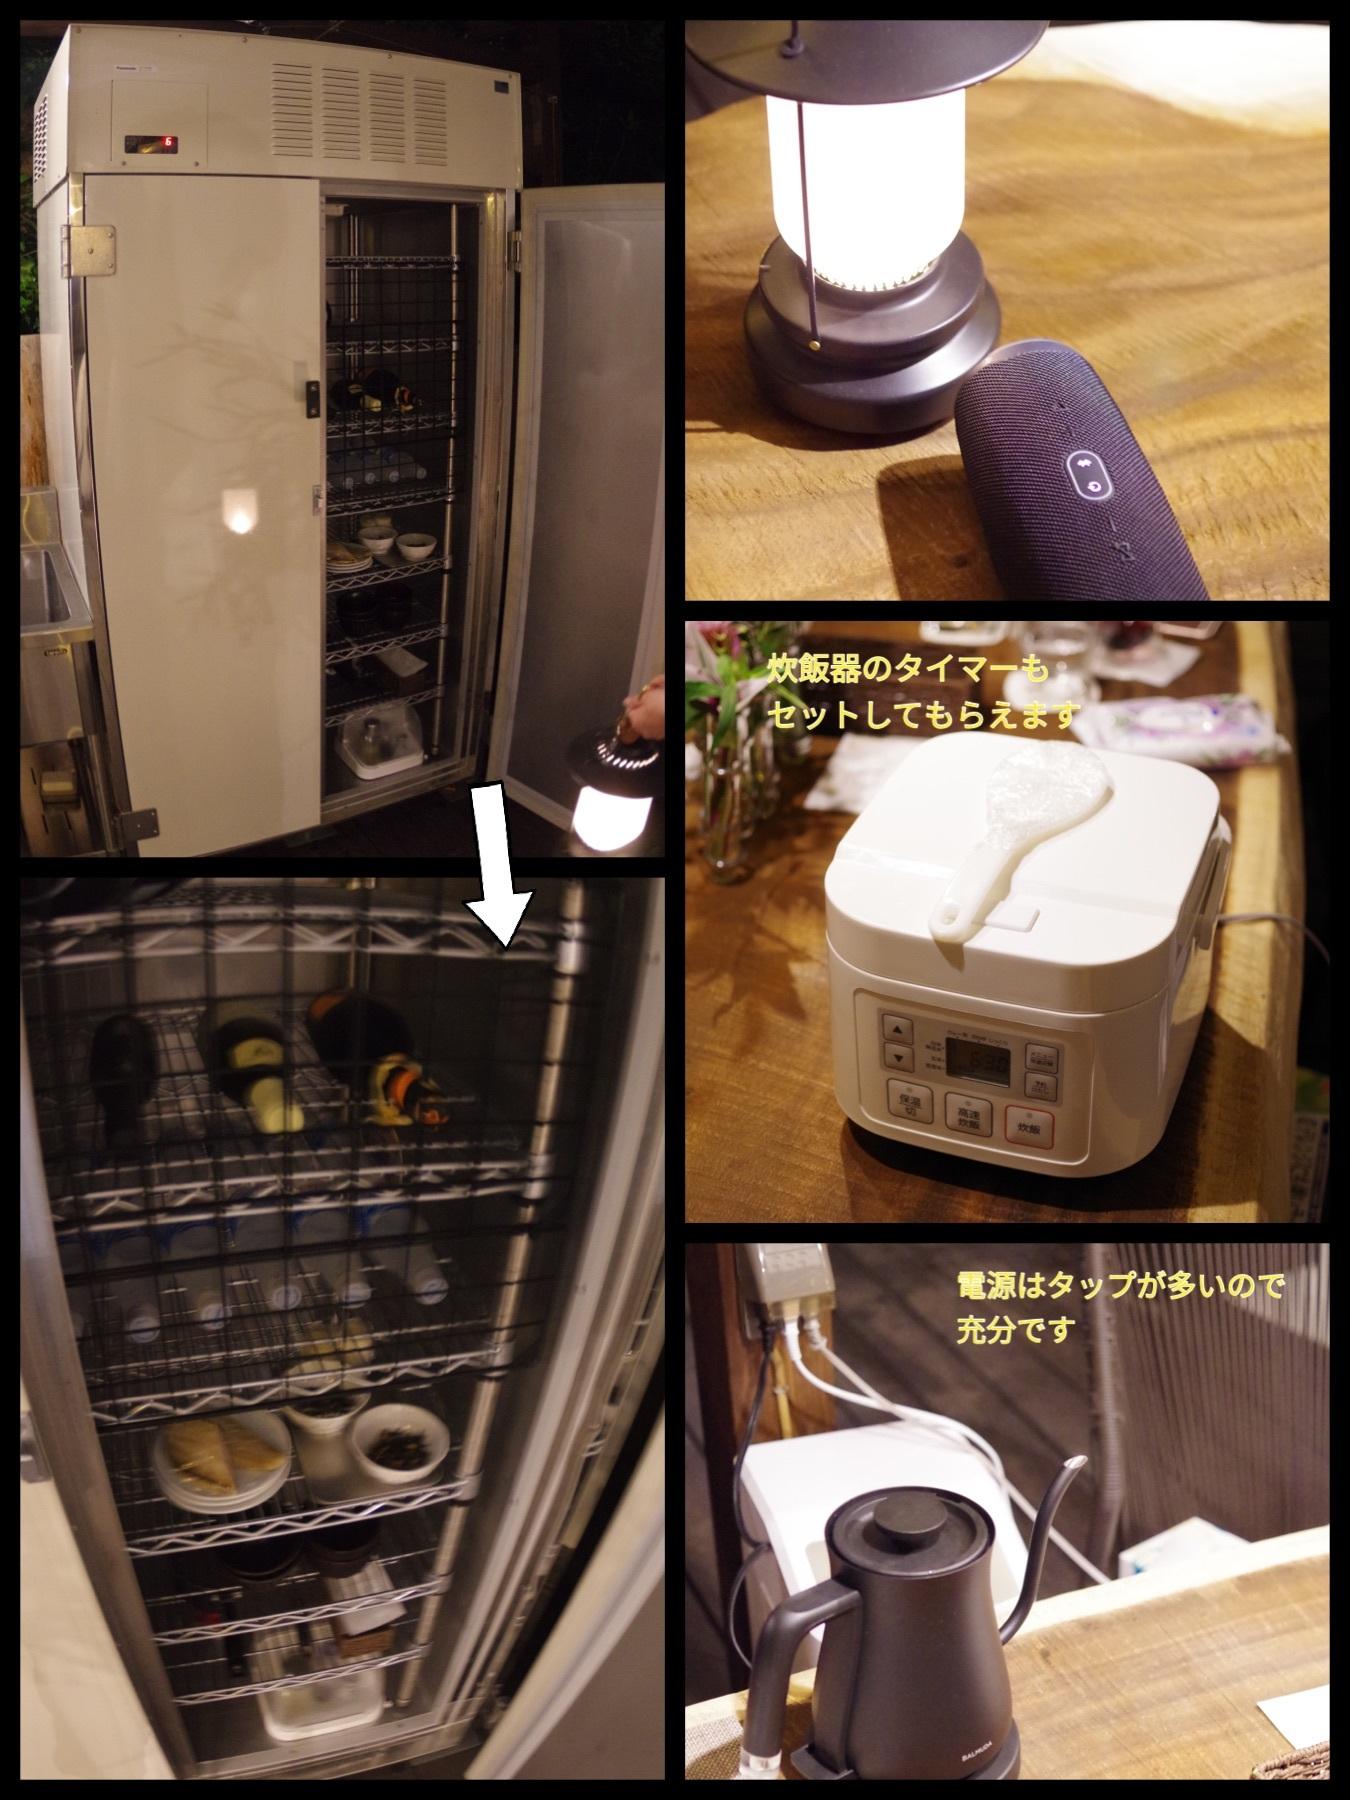 相模原の新グランピング施設「里楽巣(リラックス)FUJINO」RURI 朝食